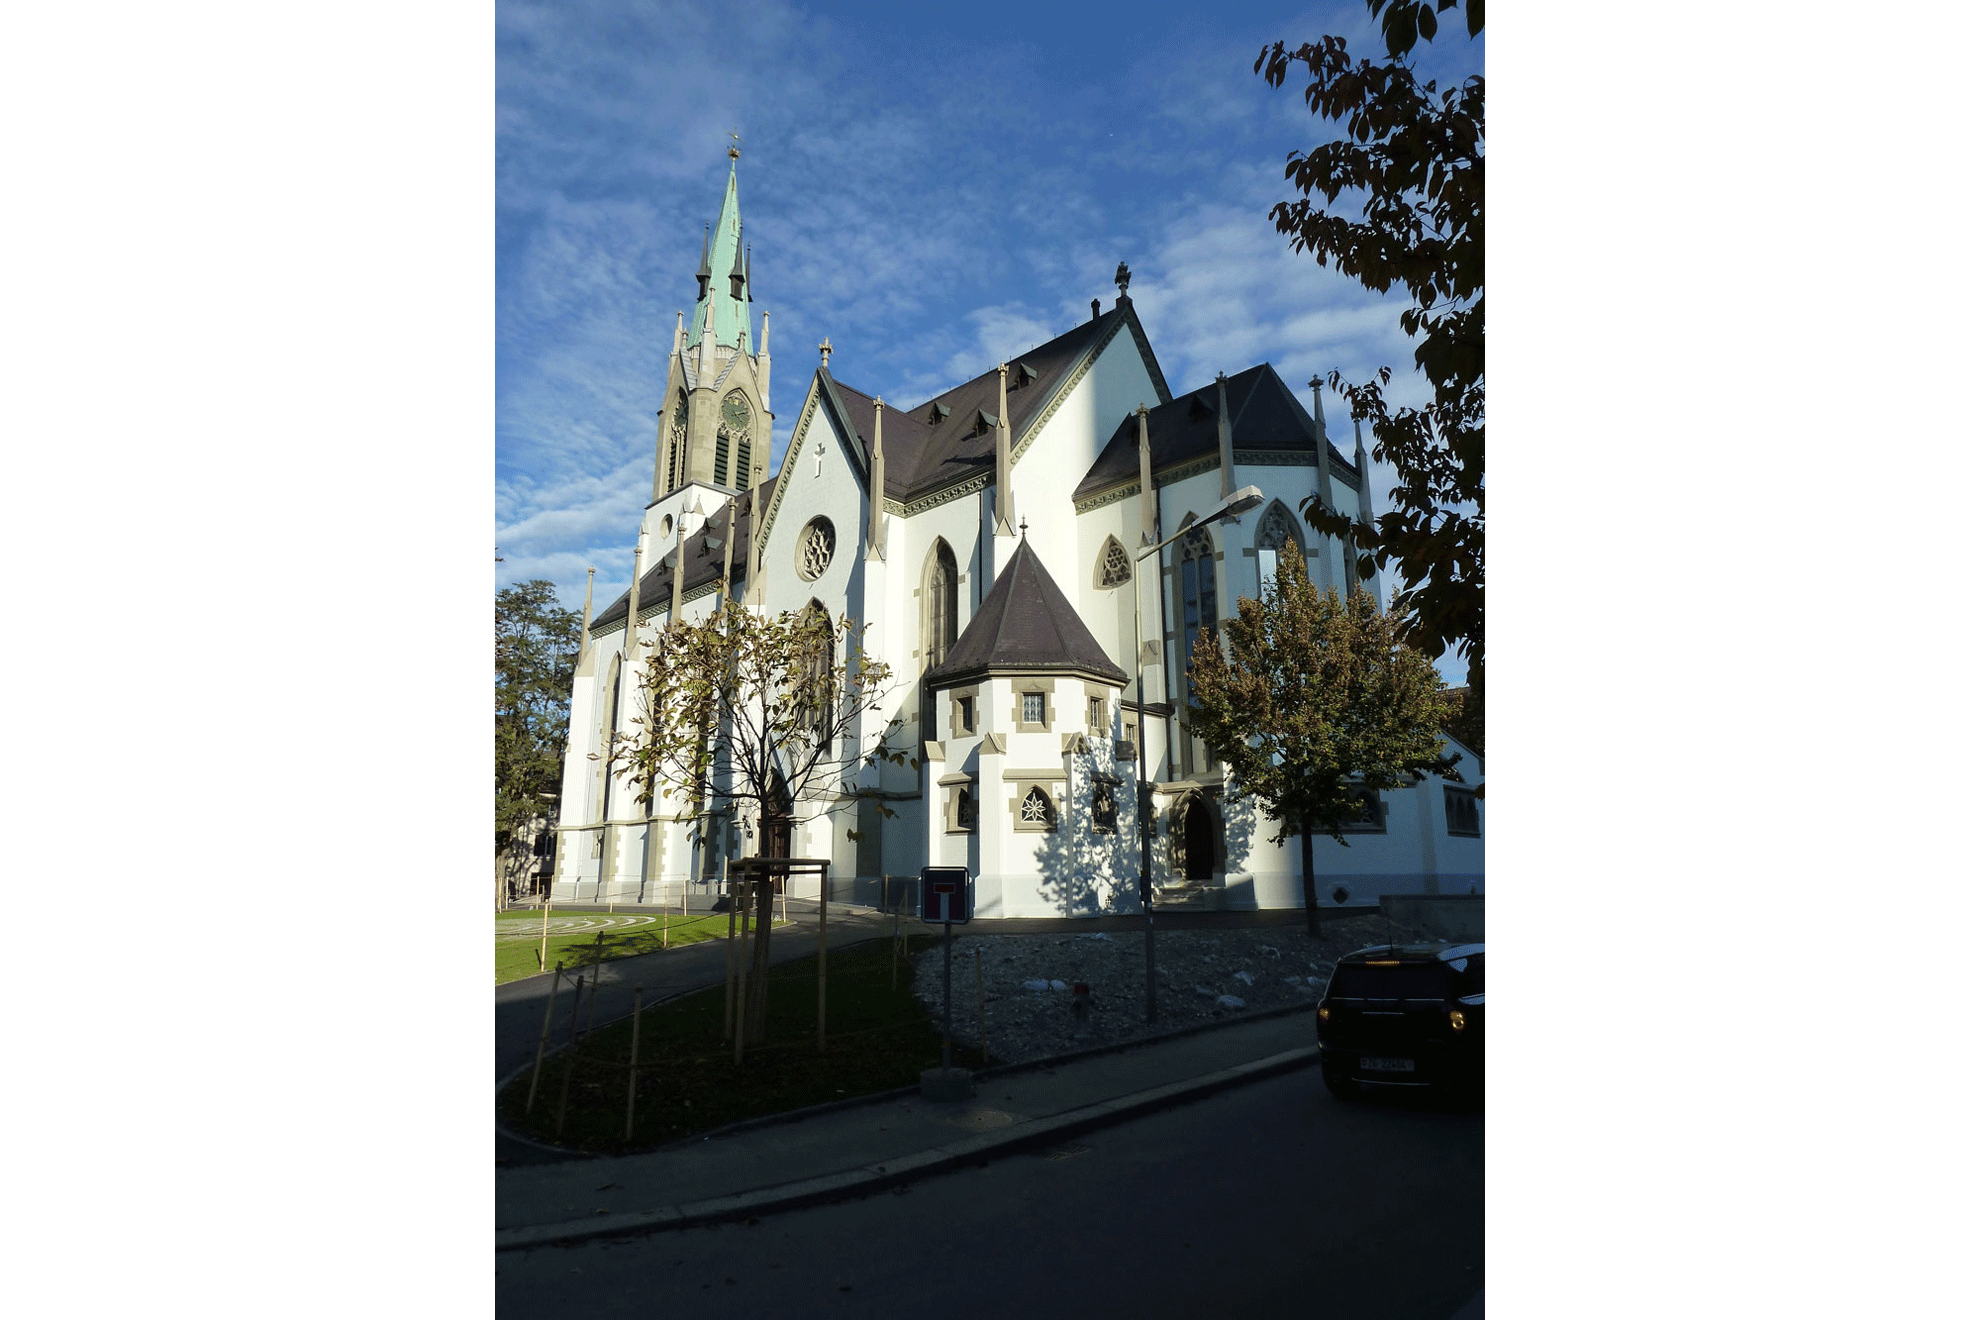 fassadenkirchepeterpaul6-h3zu2